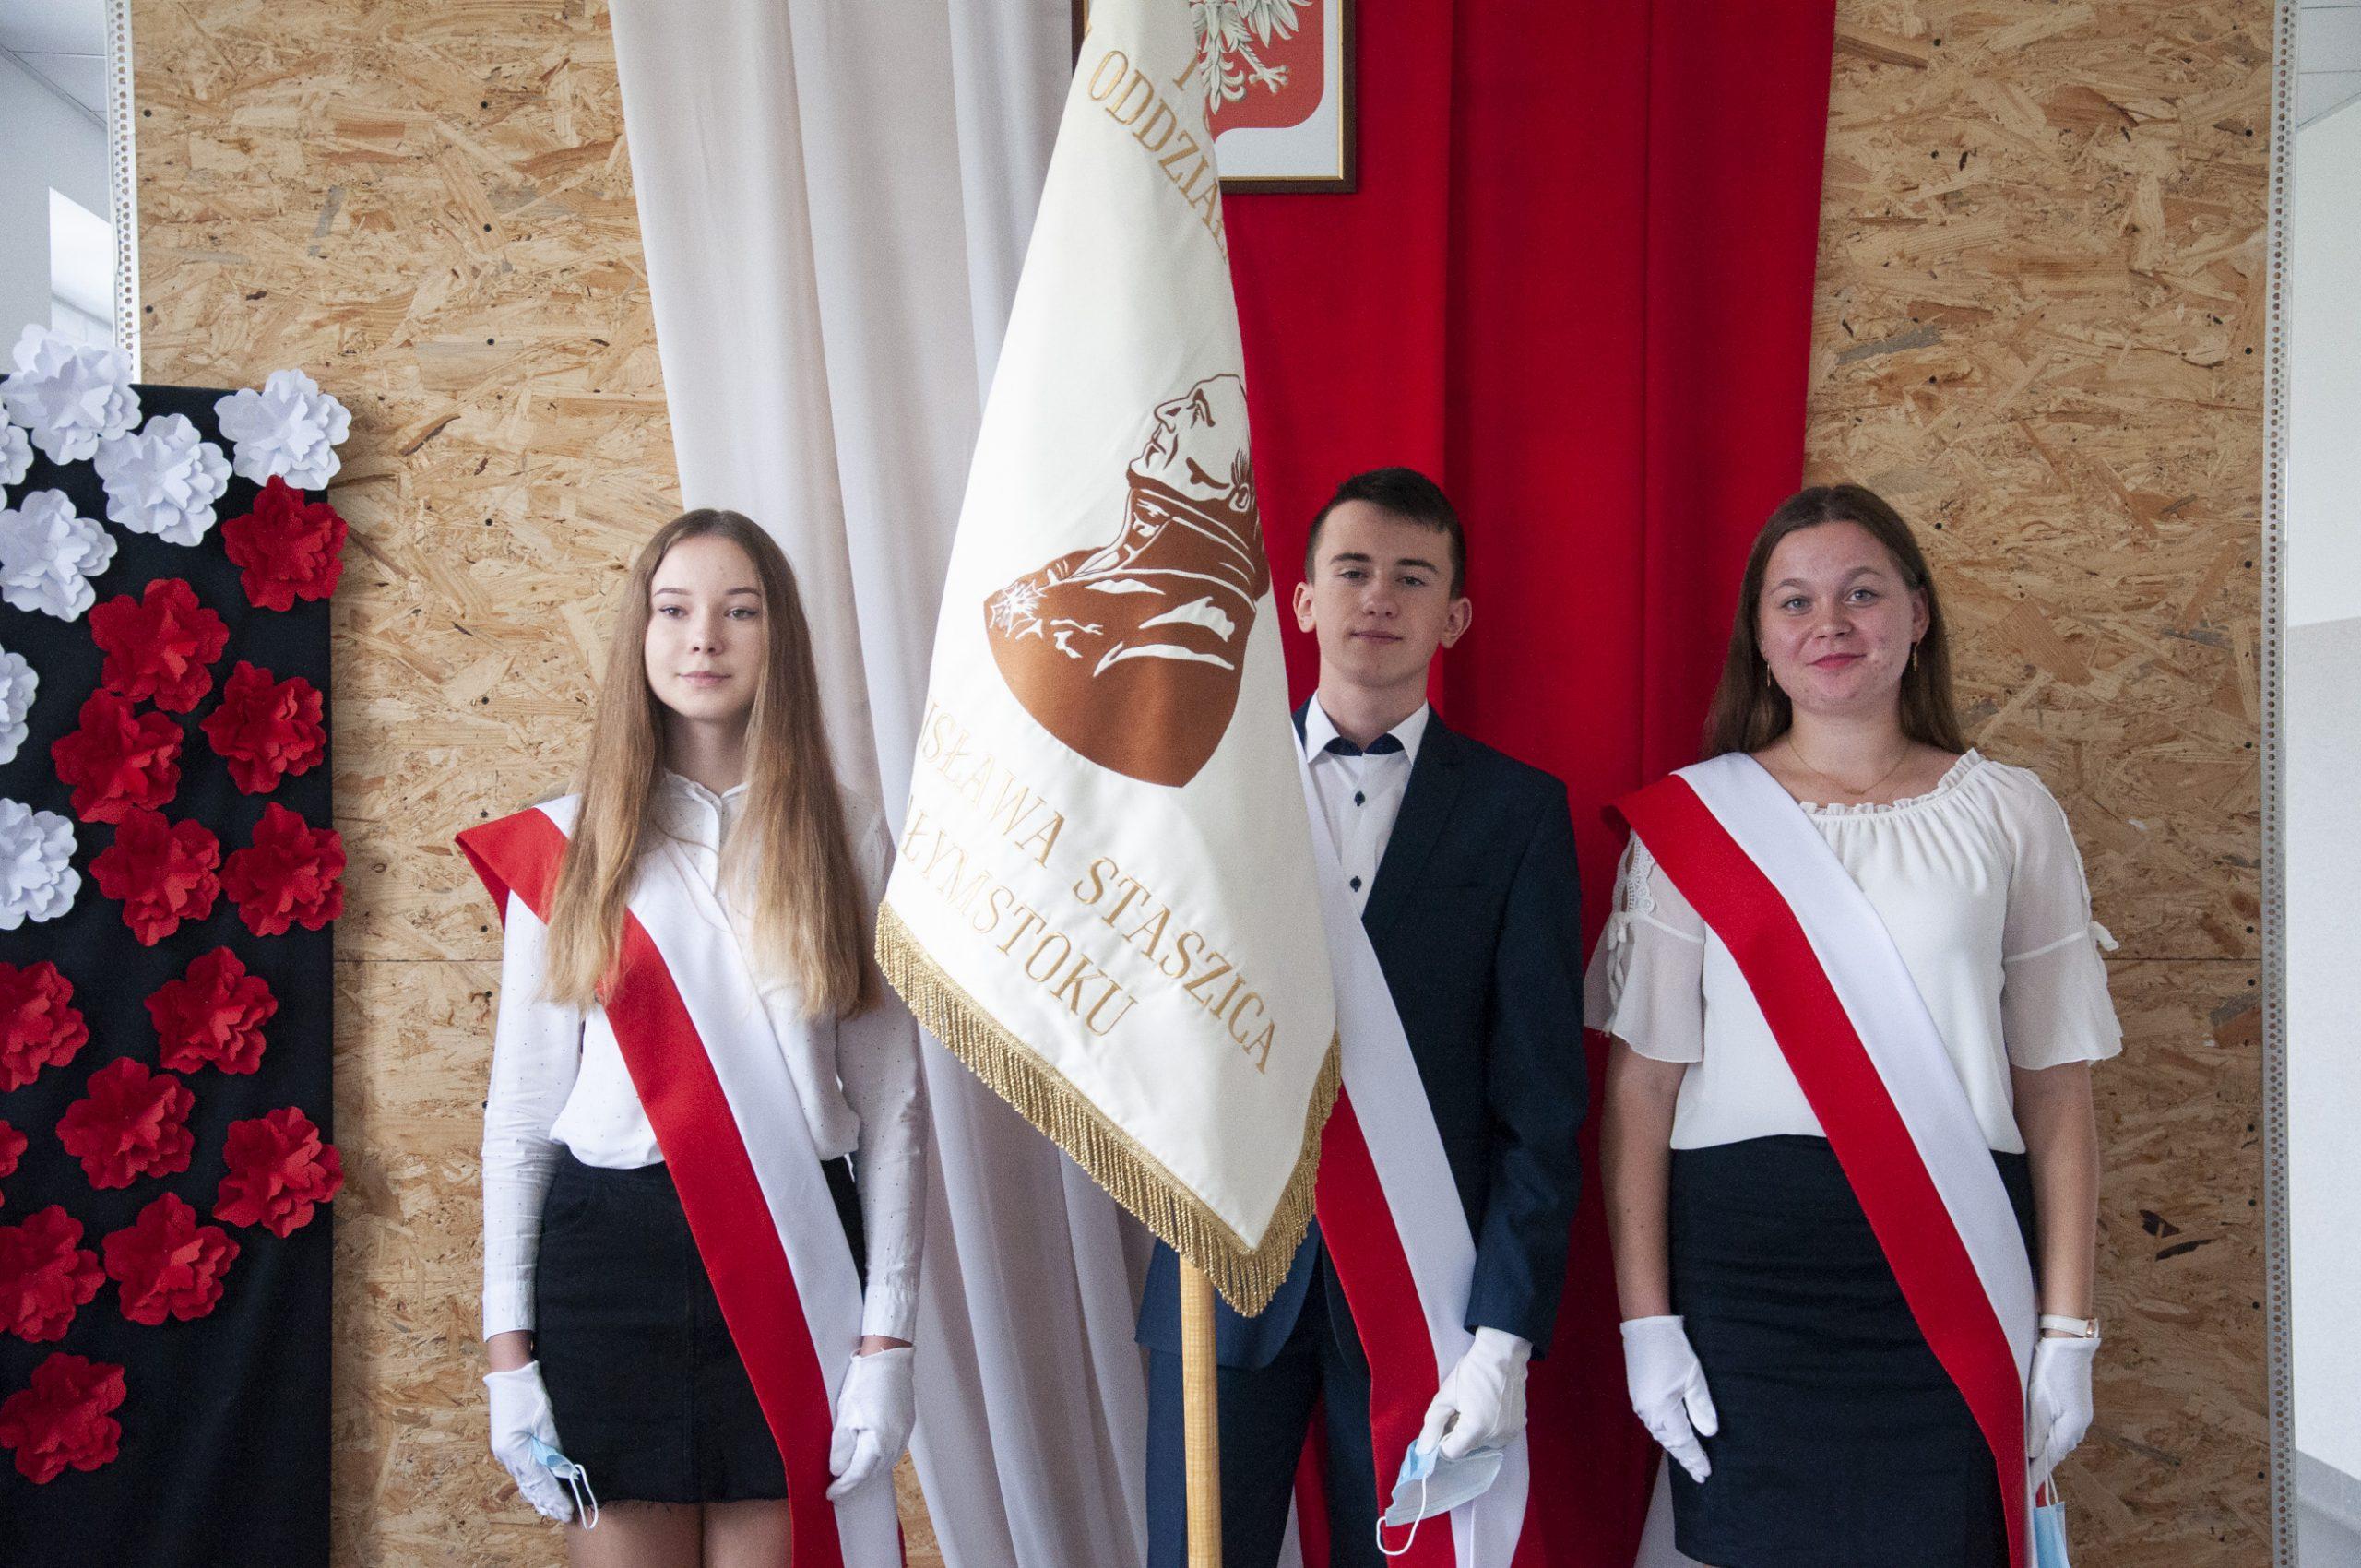 w tle flaga polska, trzy młode osoby w galowym stroju, chłopak trzyma sztandar szkoły